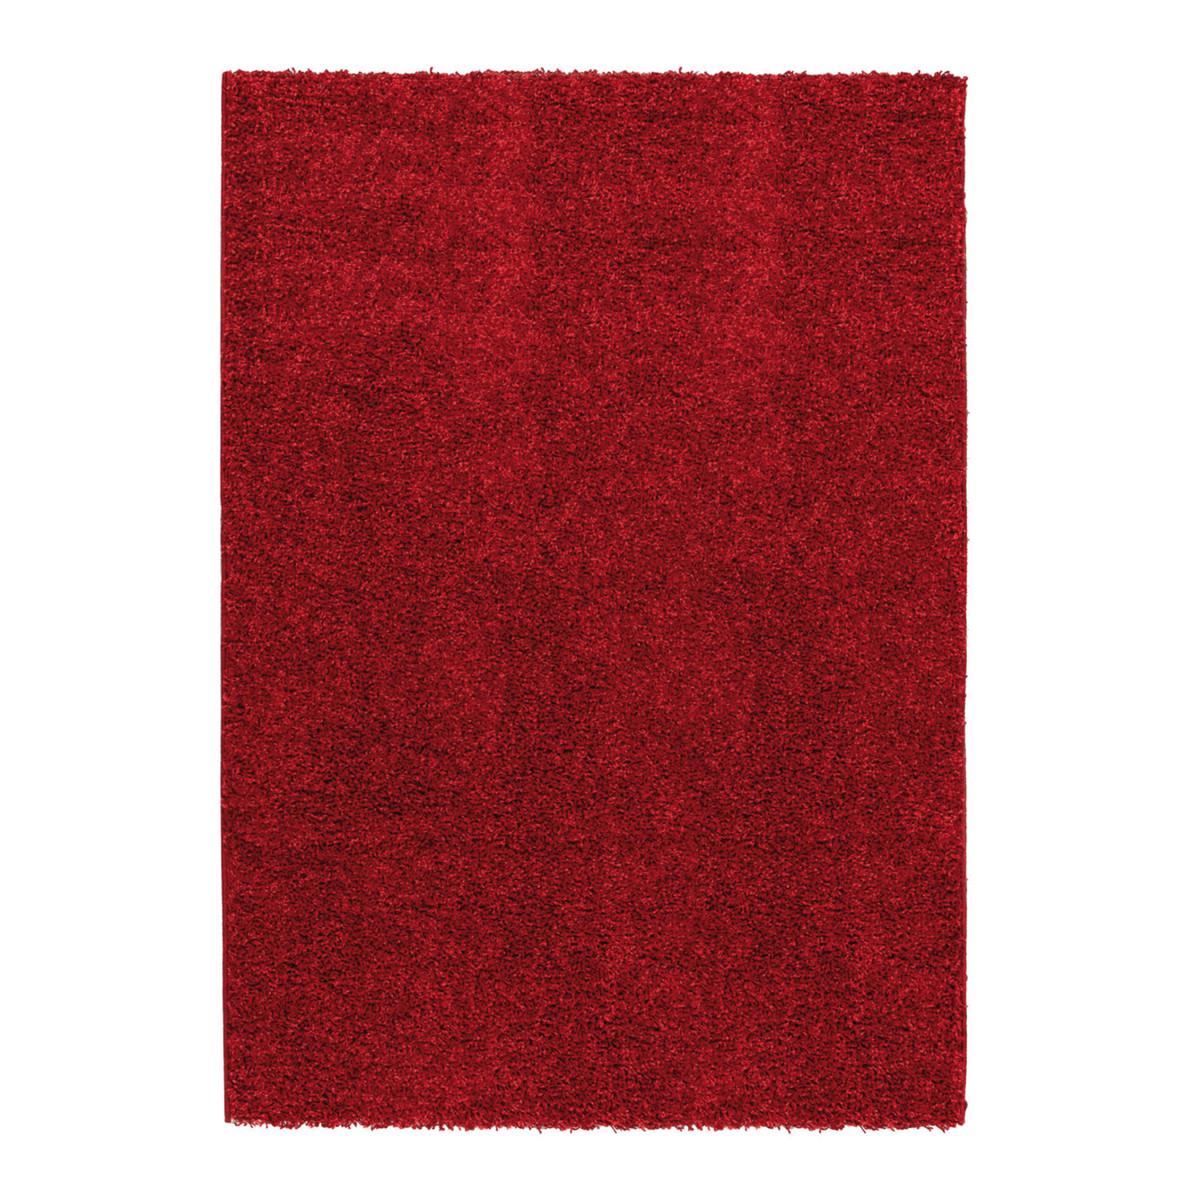 Tappeto curly rosso 120 x 170 cm prezzi e offerte online - Tappeto bagno rosso ...